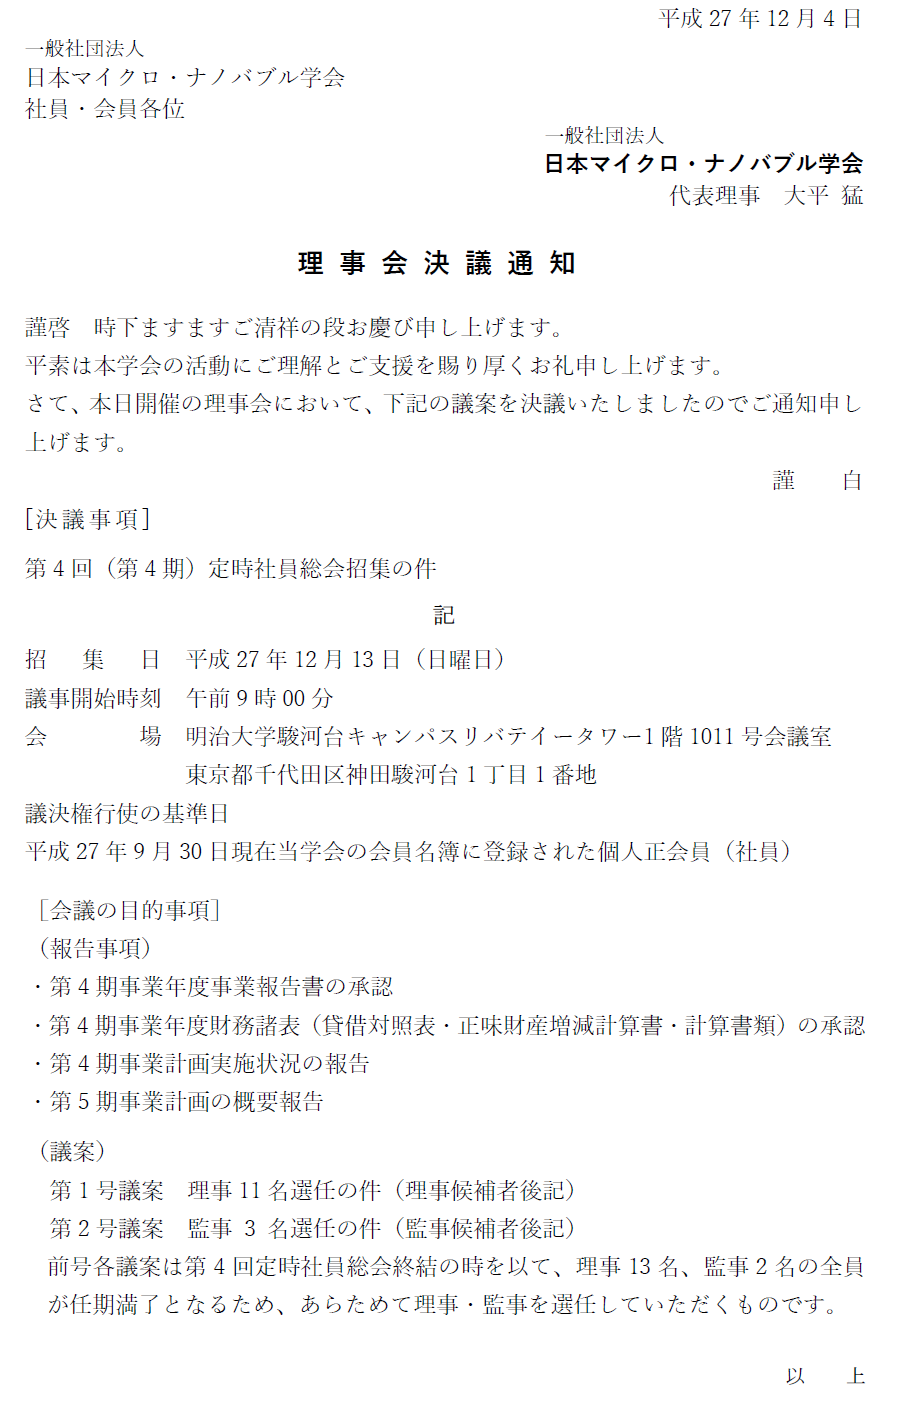 rijkaiketsugi20151204-1